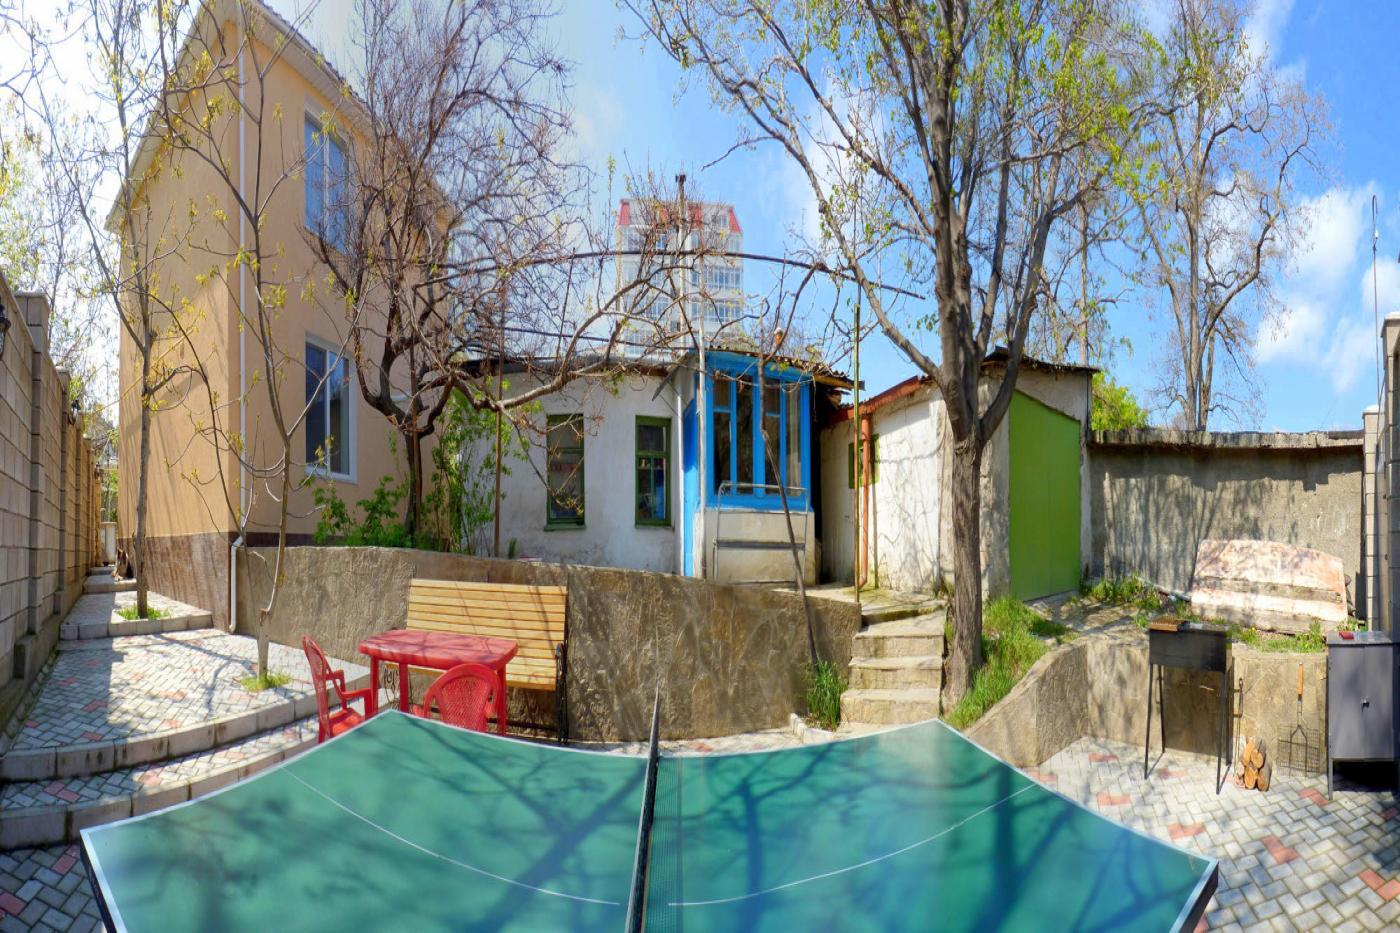 1-комнатная квартира посуточно (вариант № 1607), ул. Генерала Петрова улица, фото № 8